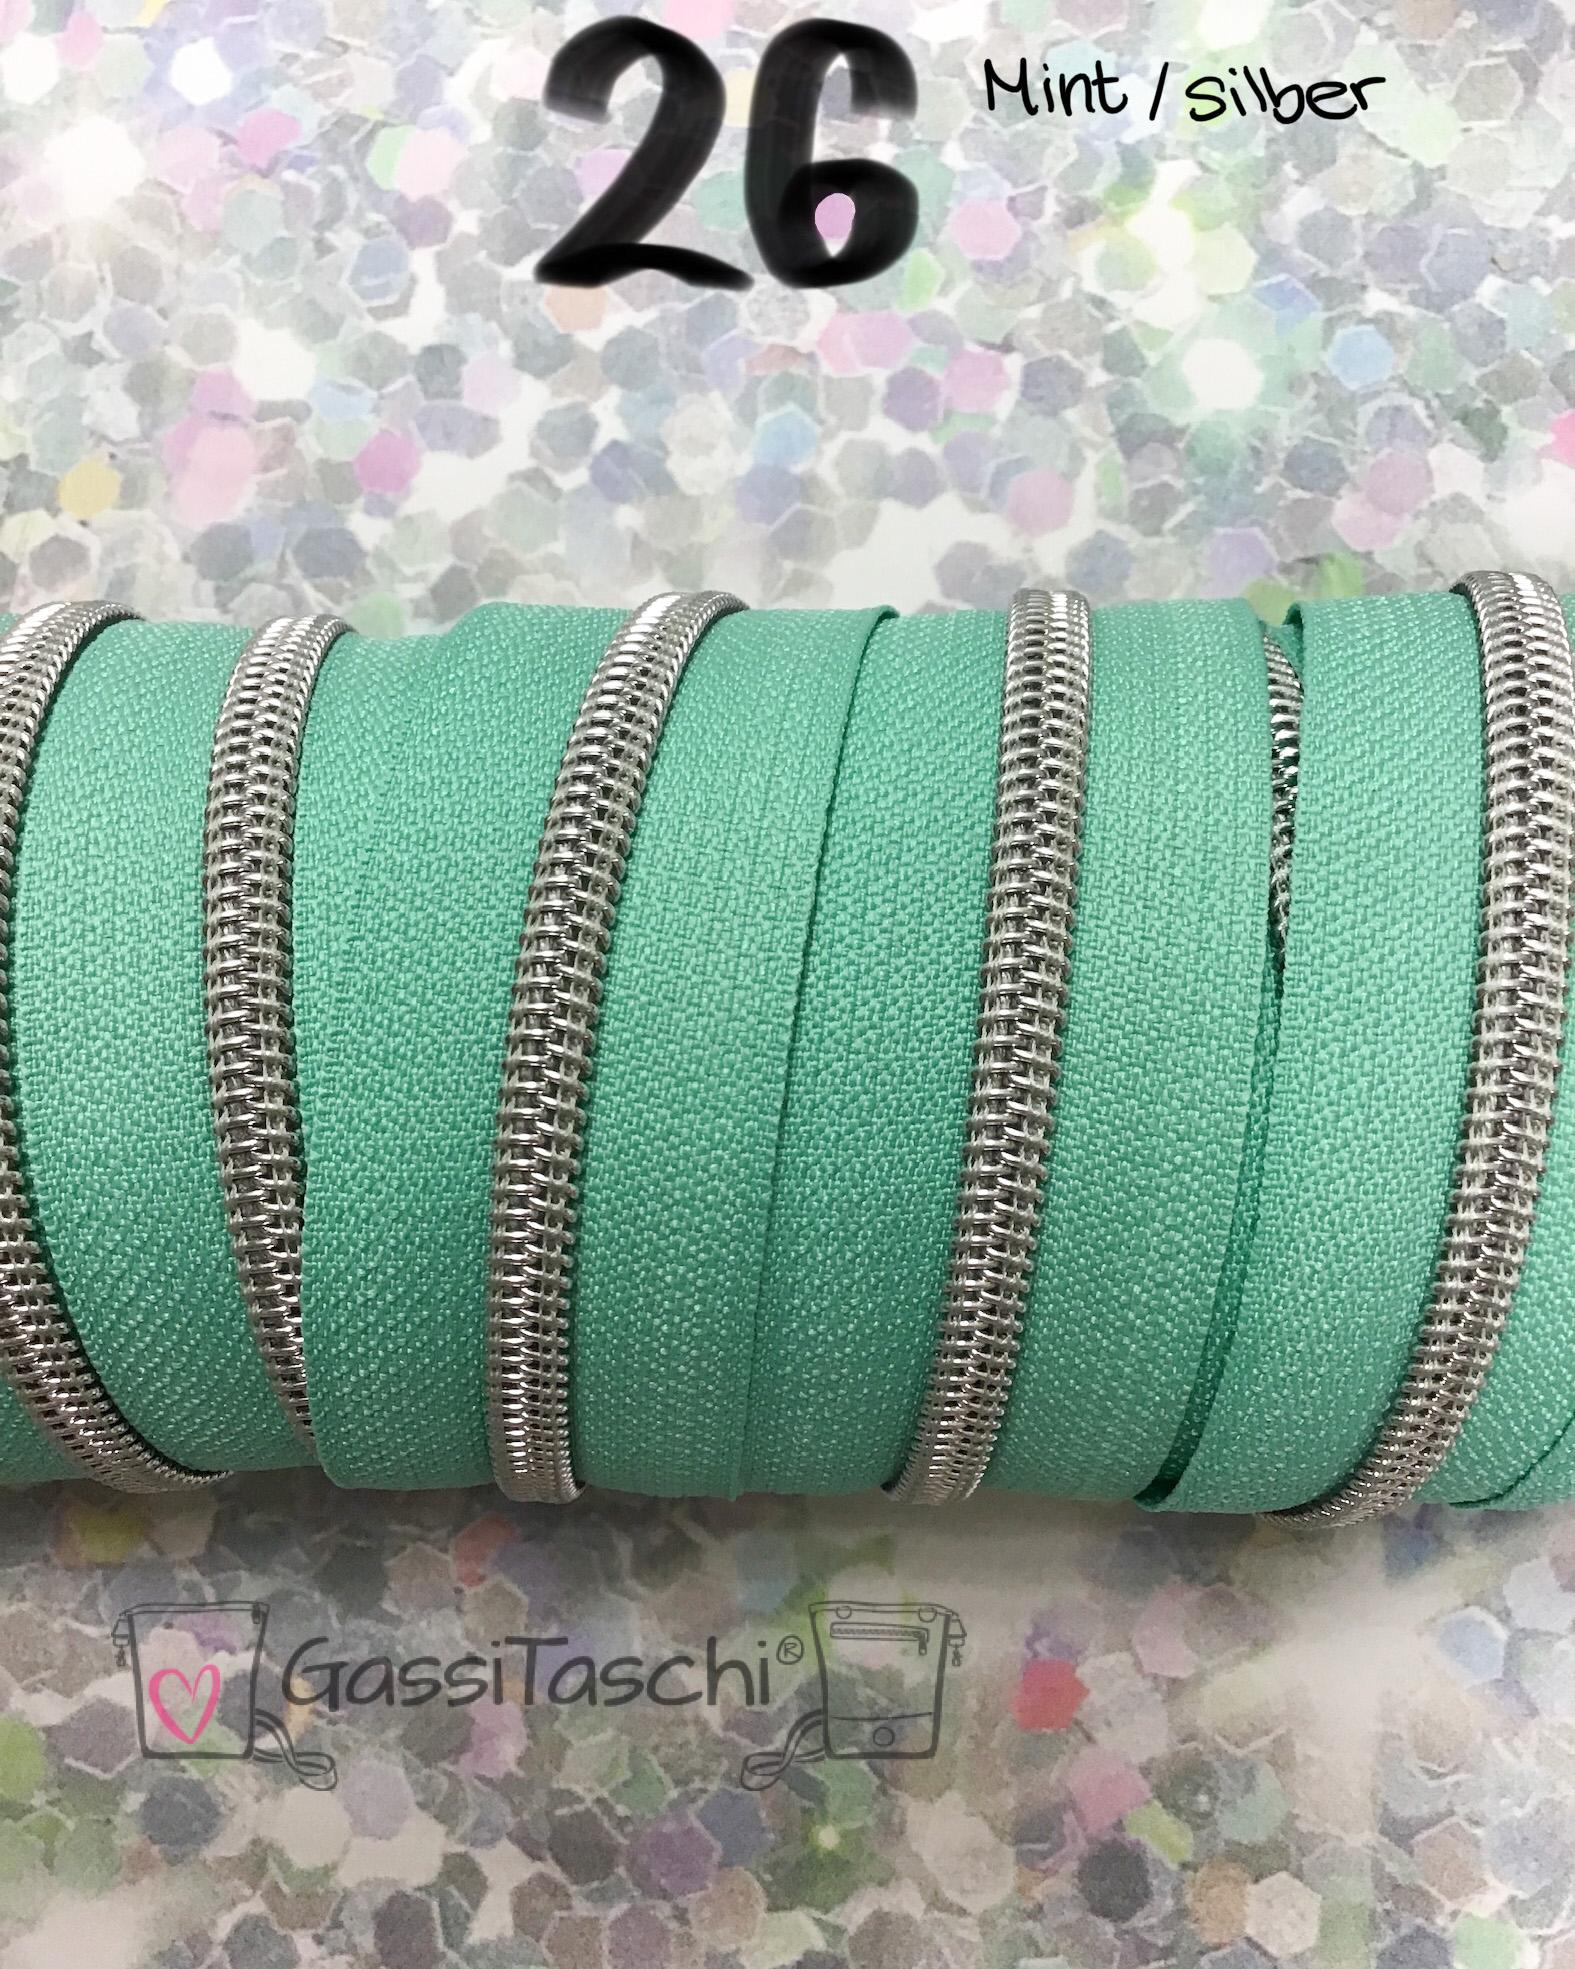 026-mint-silber